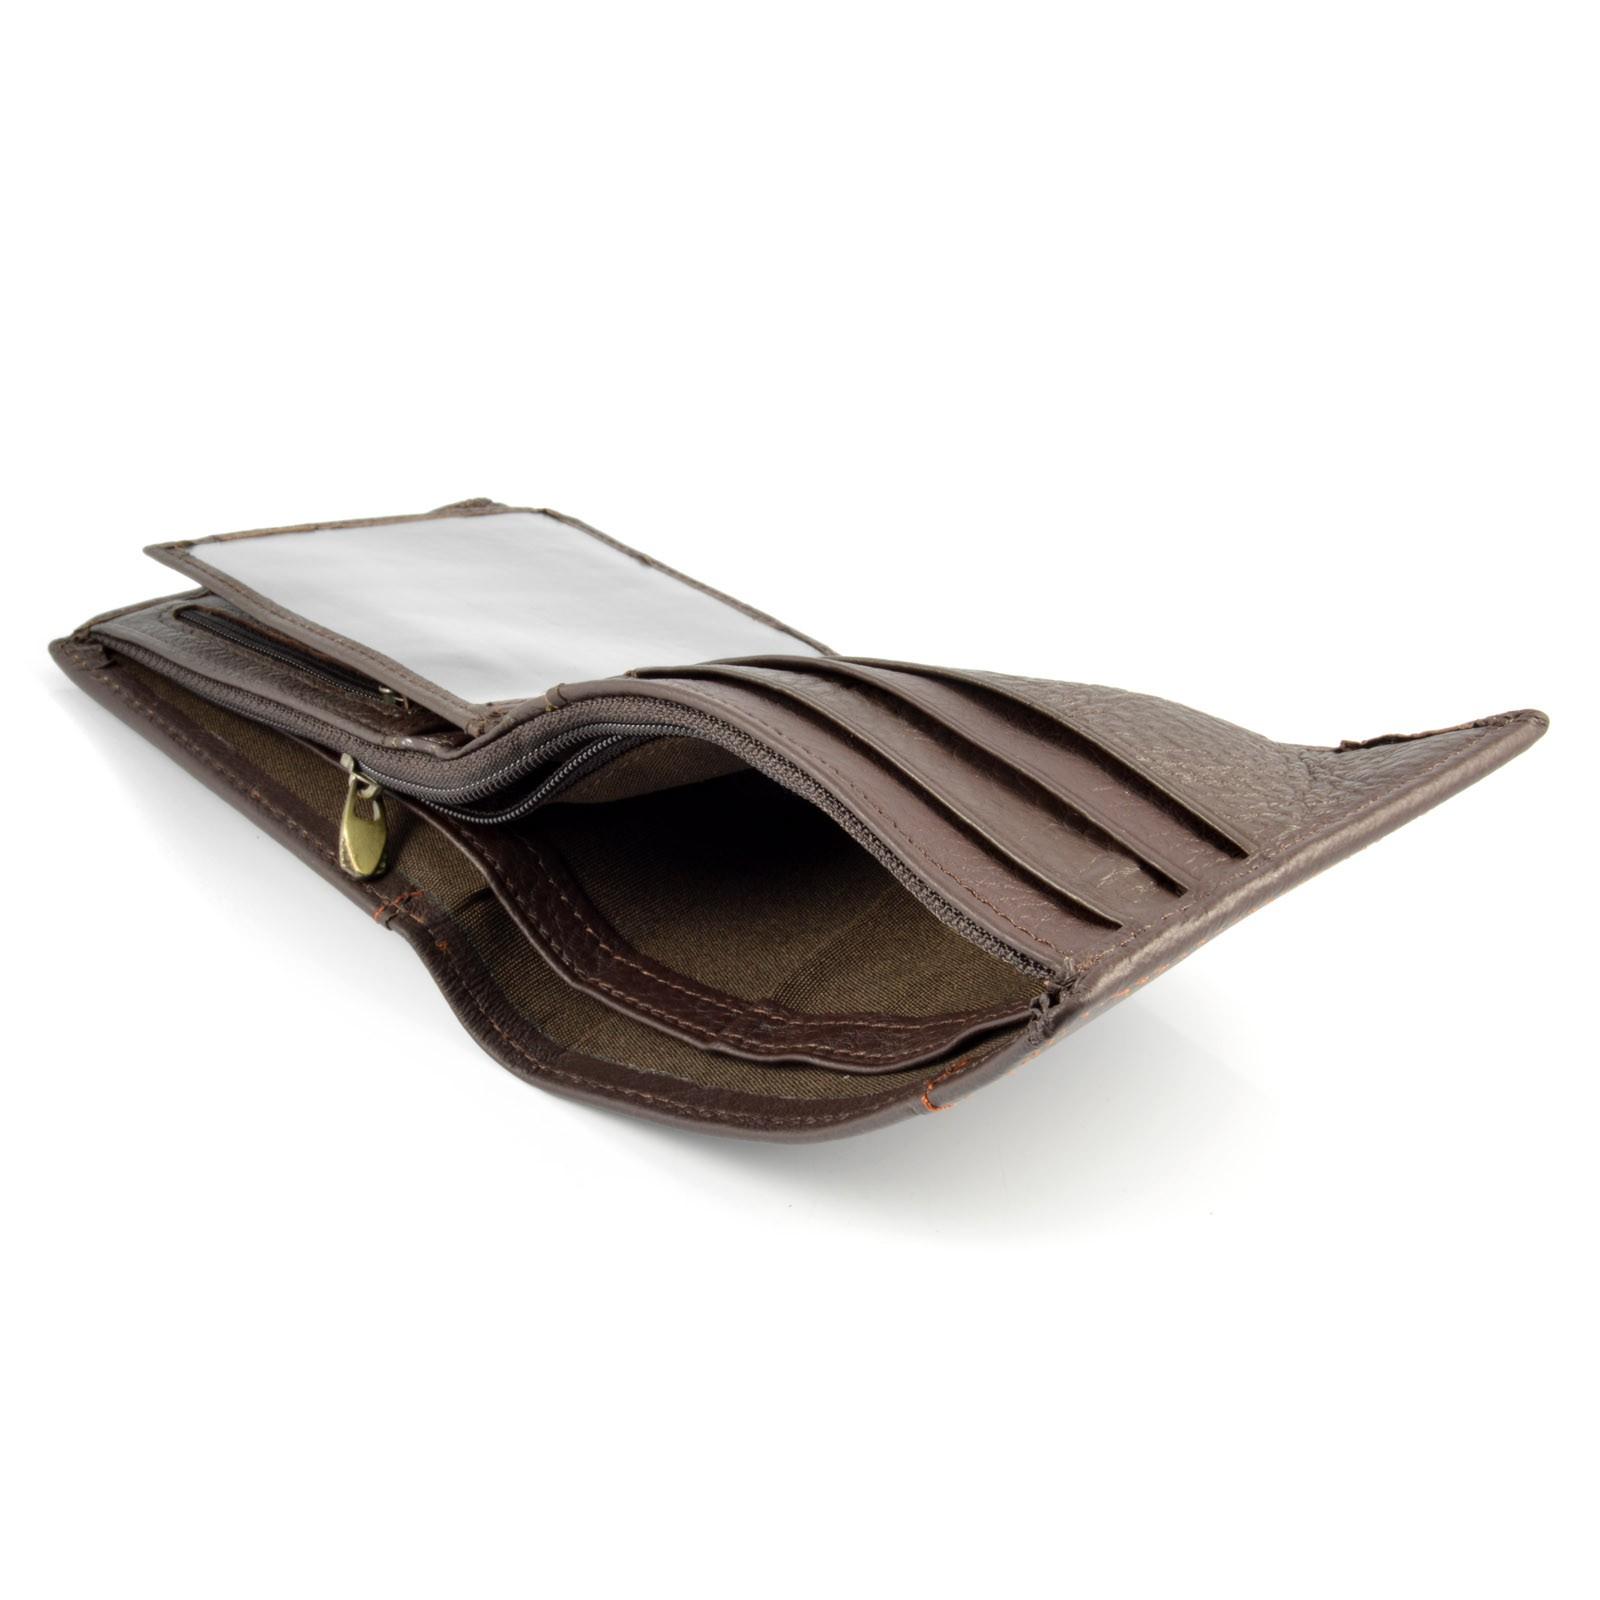 brun-vintage-skinnplanbok-trendhim-35